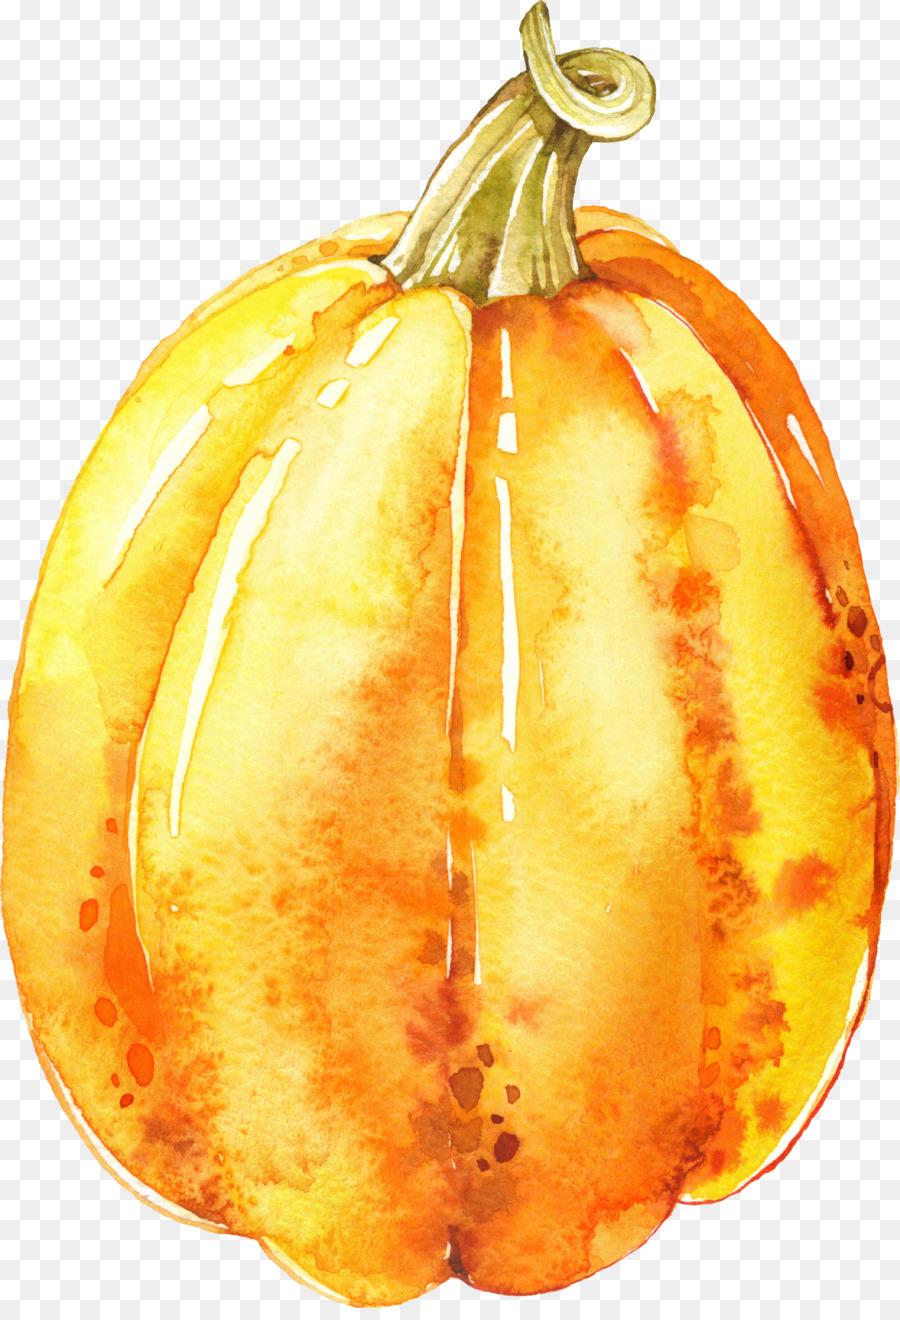 Descarga gratuita de Calabaza, Cocina Vegetariana, La Calabaza Imágen de Png